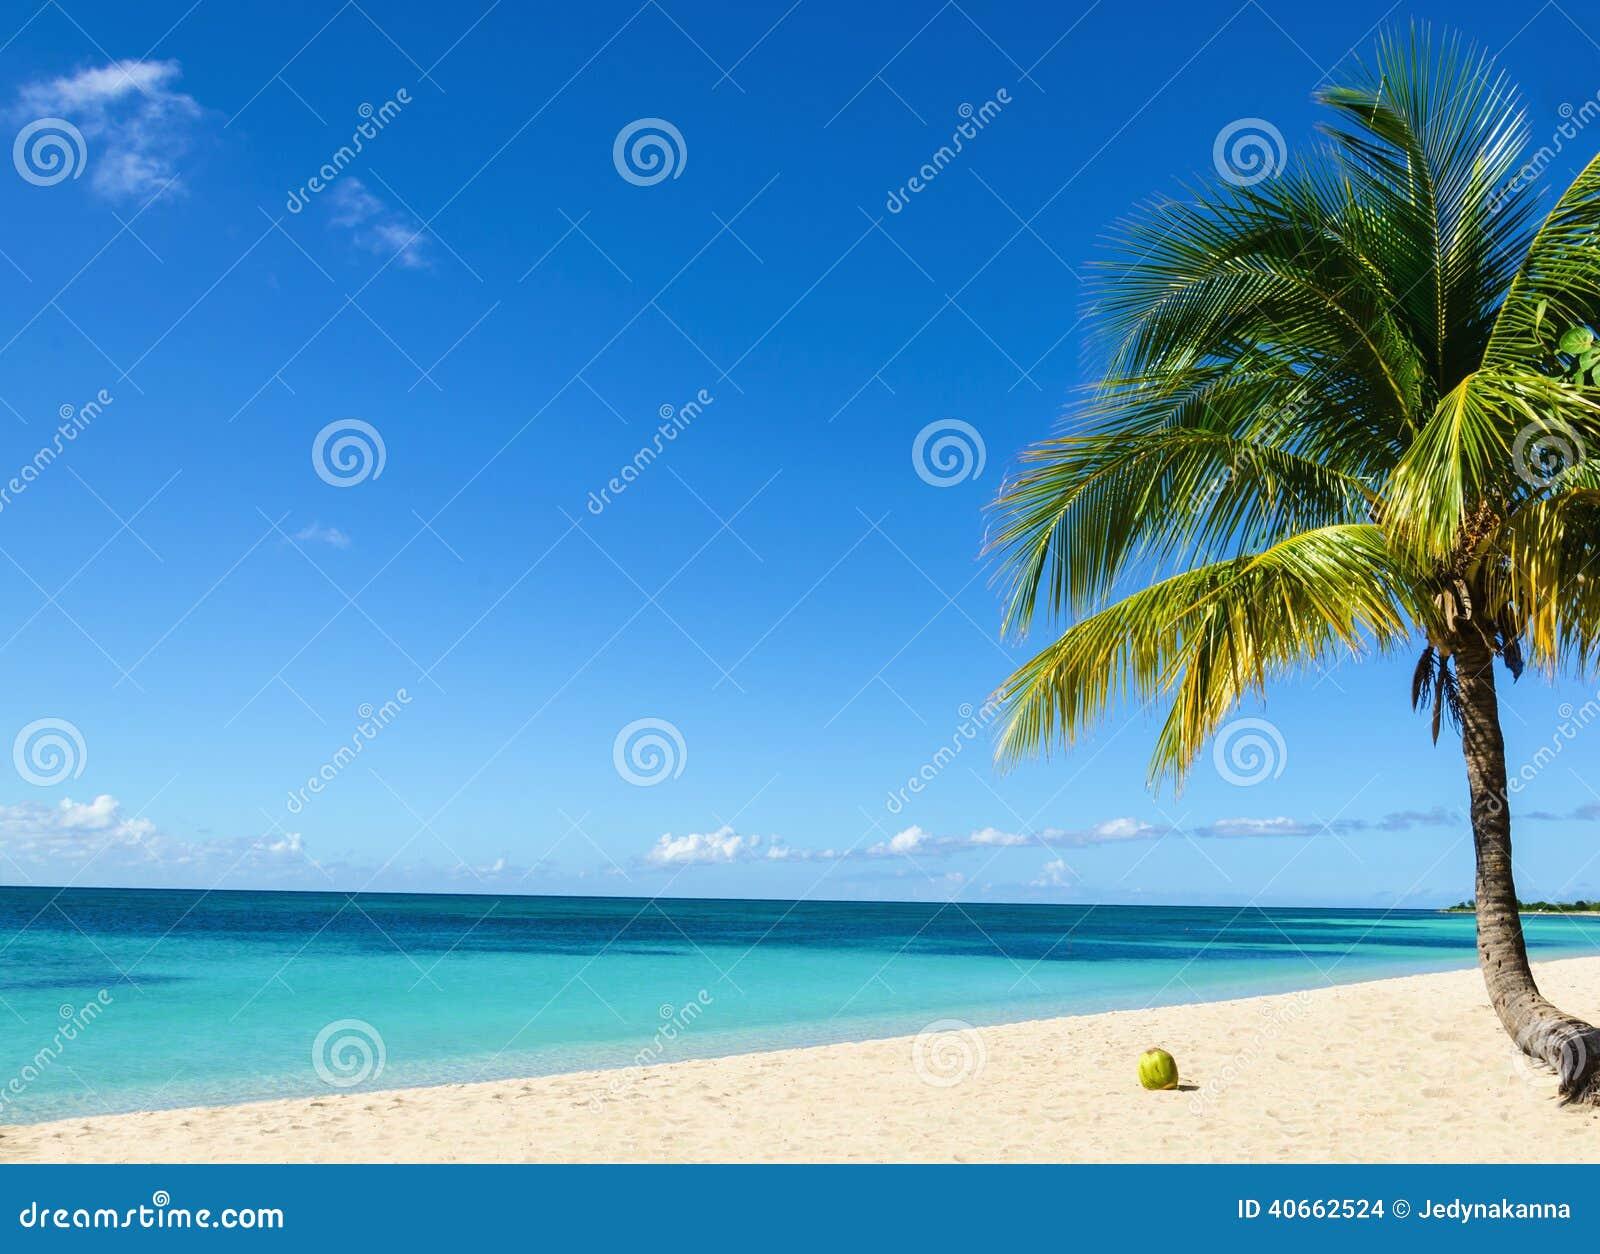 kokosnuss auf einem exotischen strand mit der palme die. Black Bedroom Furniture Sets. Home Design Ideas